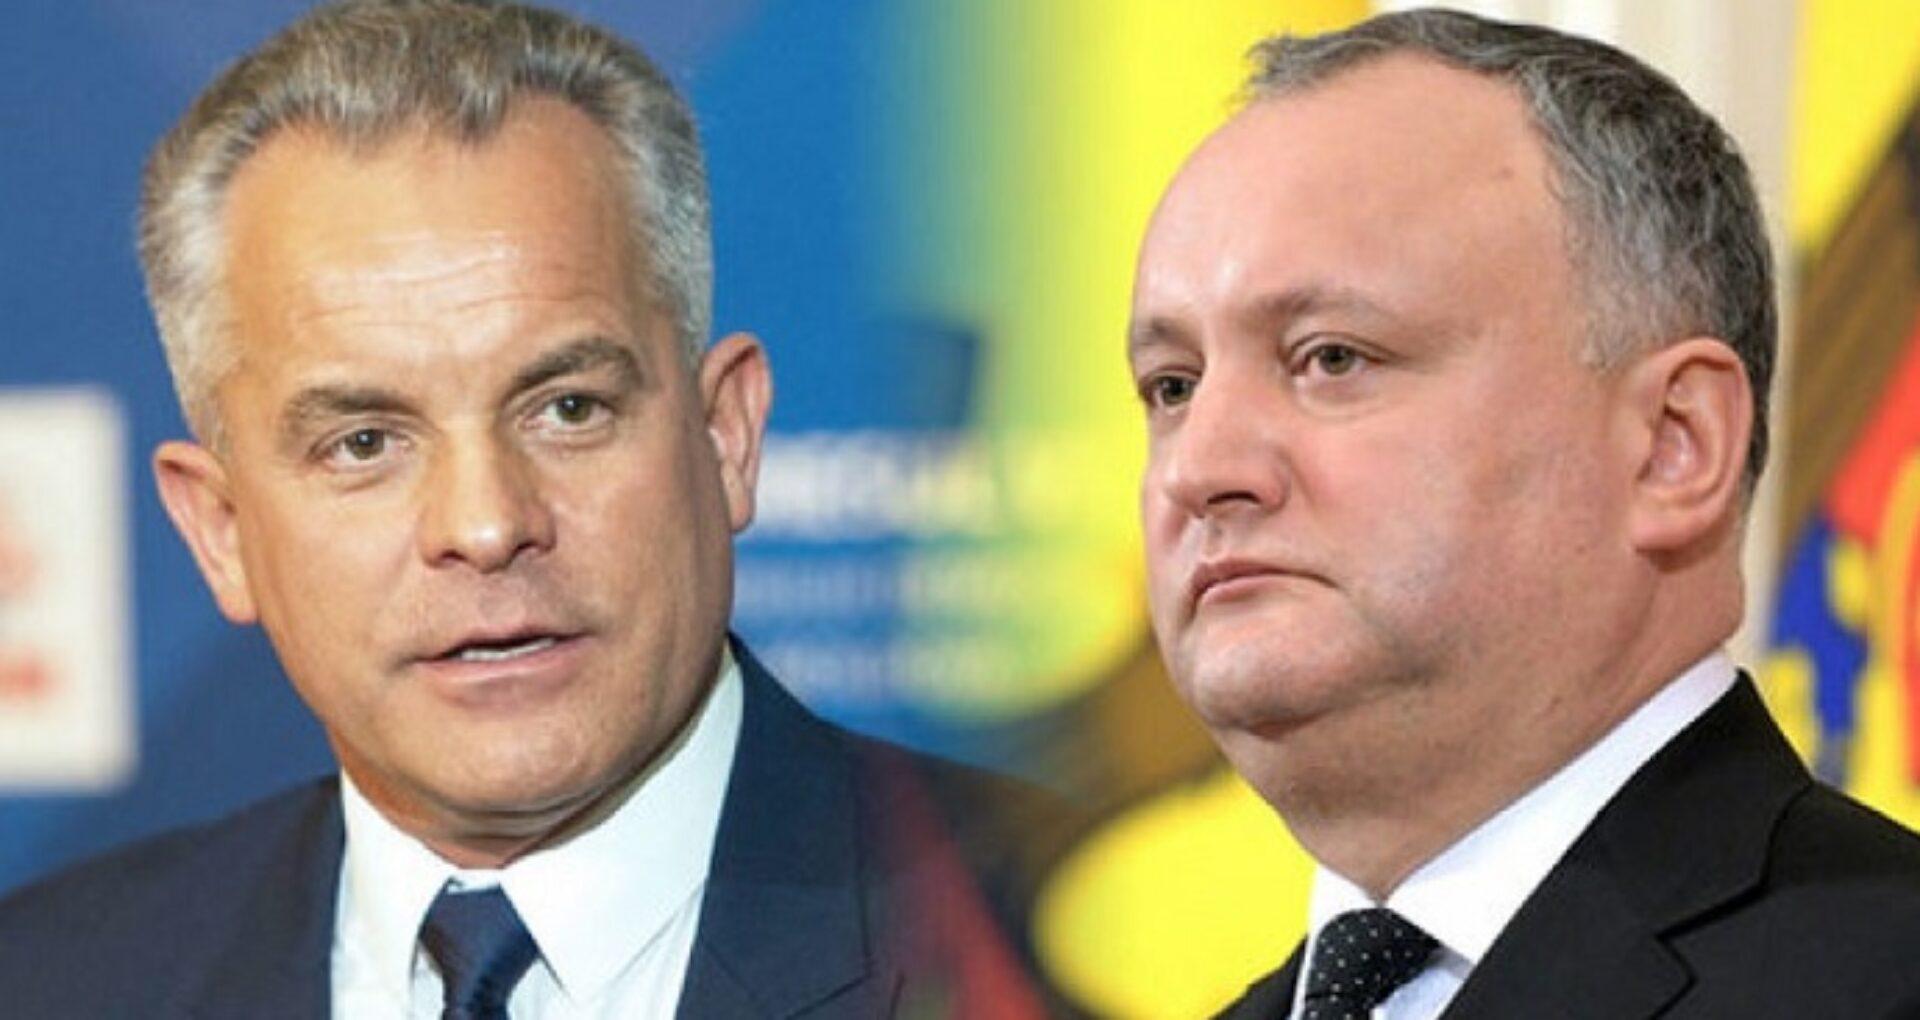 Igor Dodon și Vlad Plahotniuc s-ar fi întâlnit în Grecia, la hotelul lui Ceaika, în timpul pelerinajului șefului statului pe Athos. Reacția președintelui